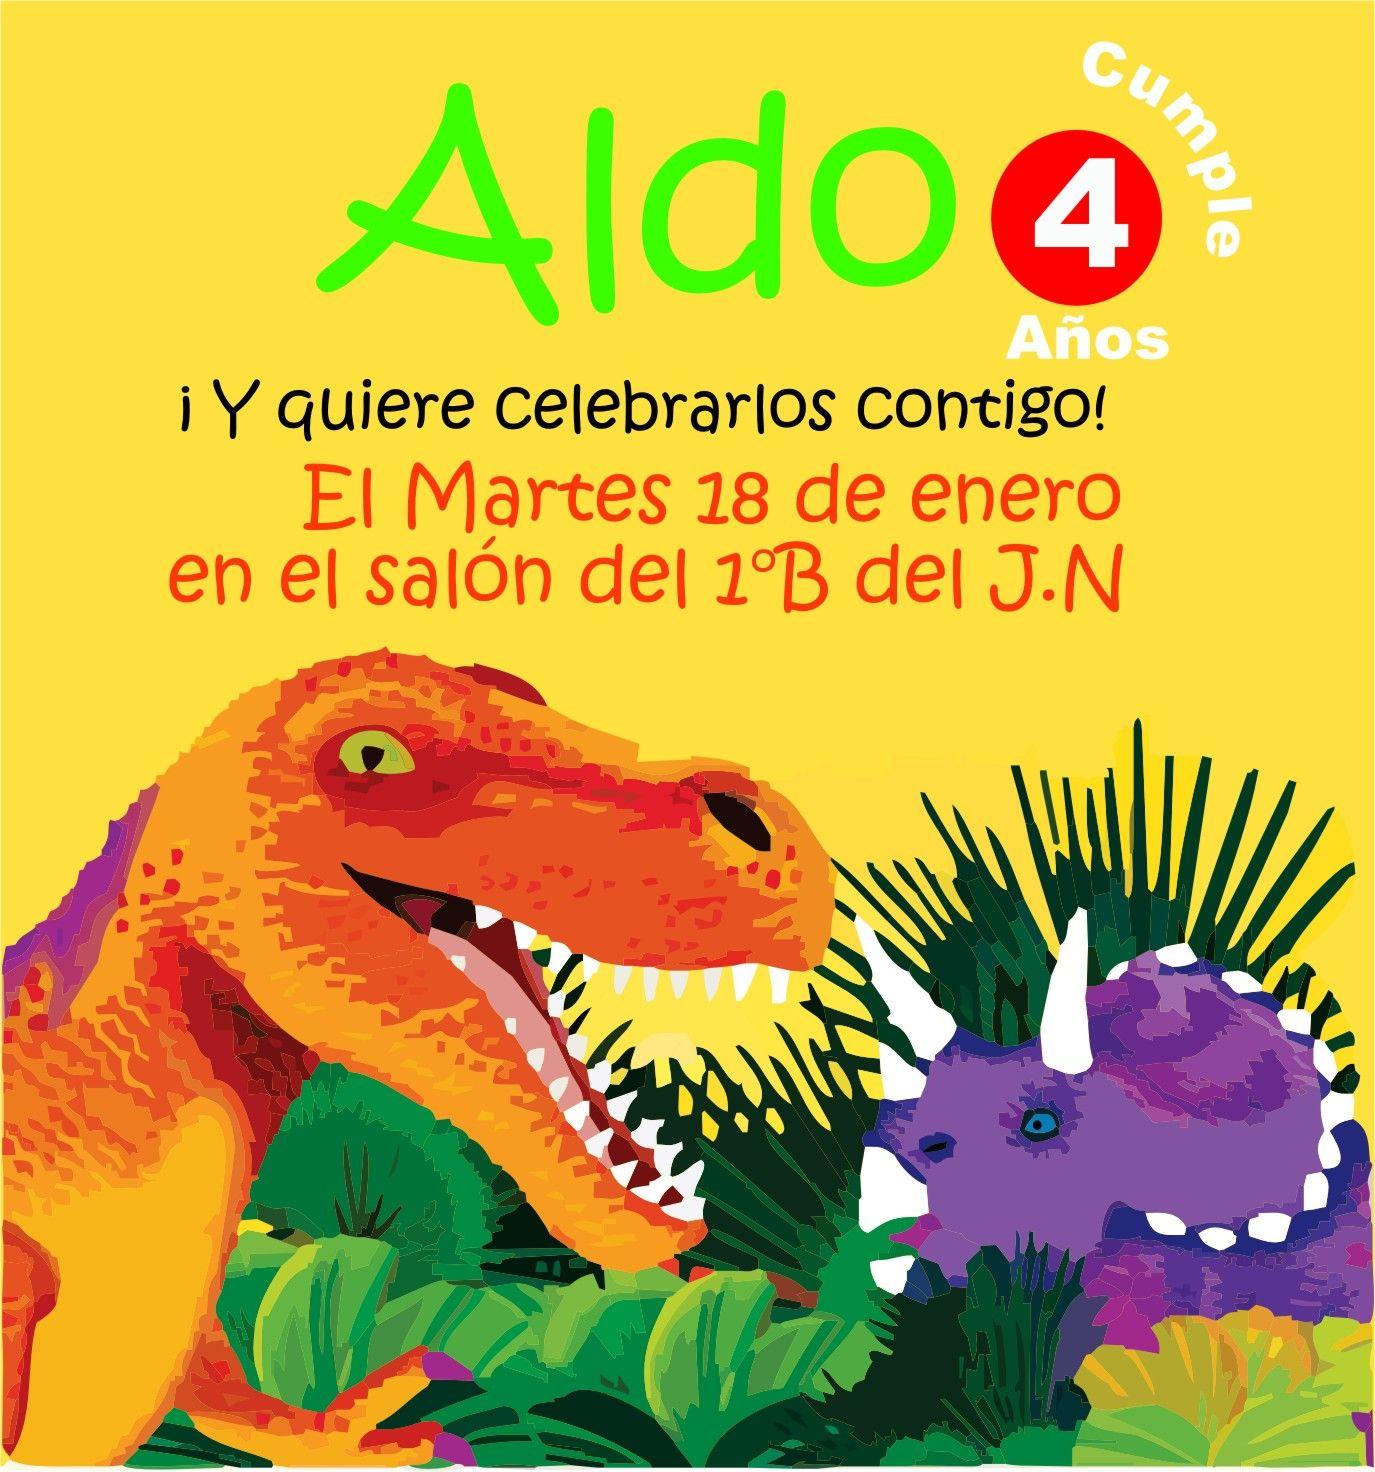 Portafolio Invitaciones Cumpleaños Invitaciones De